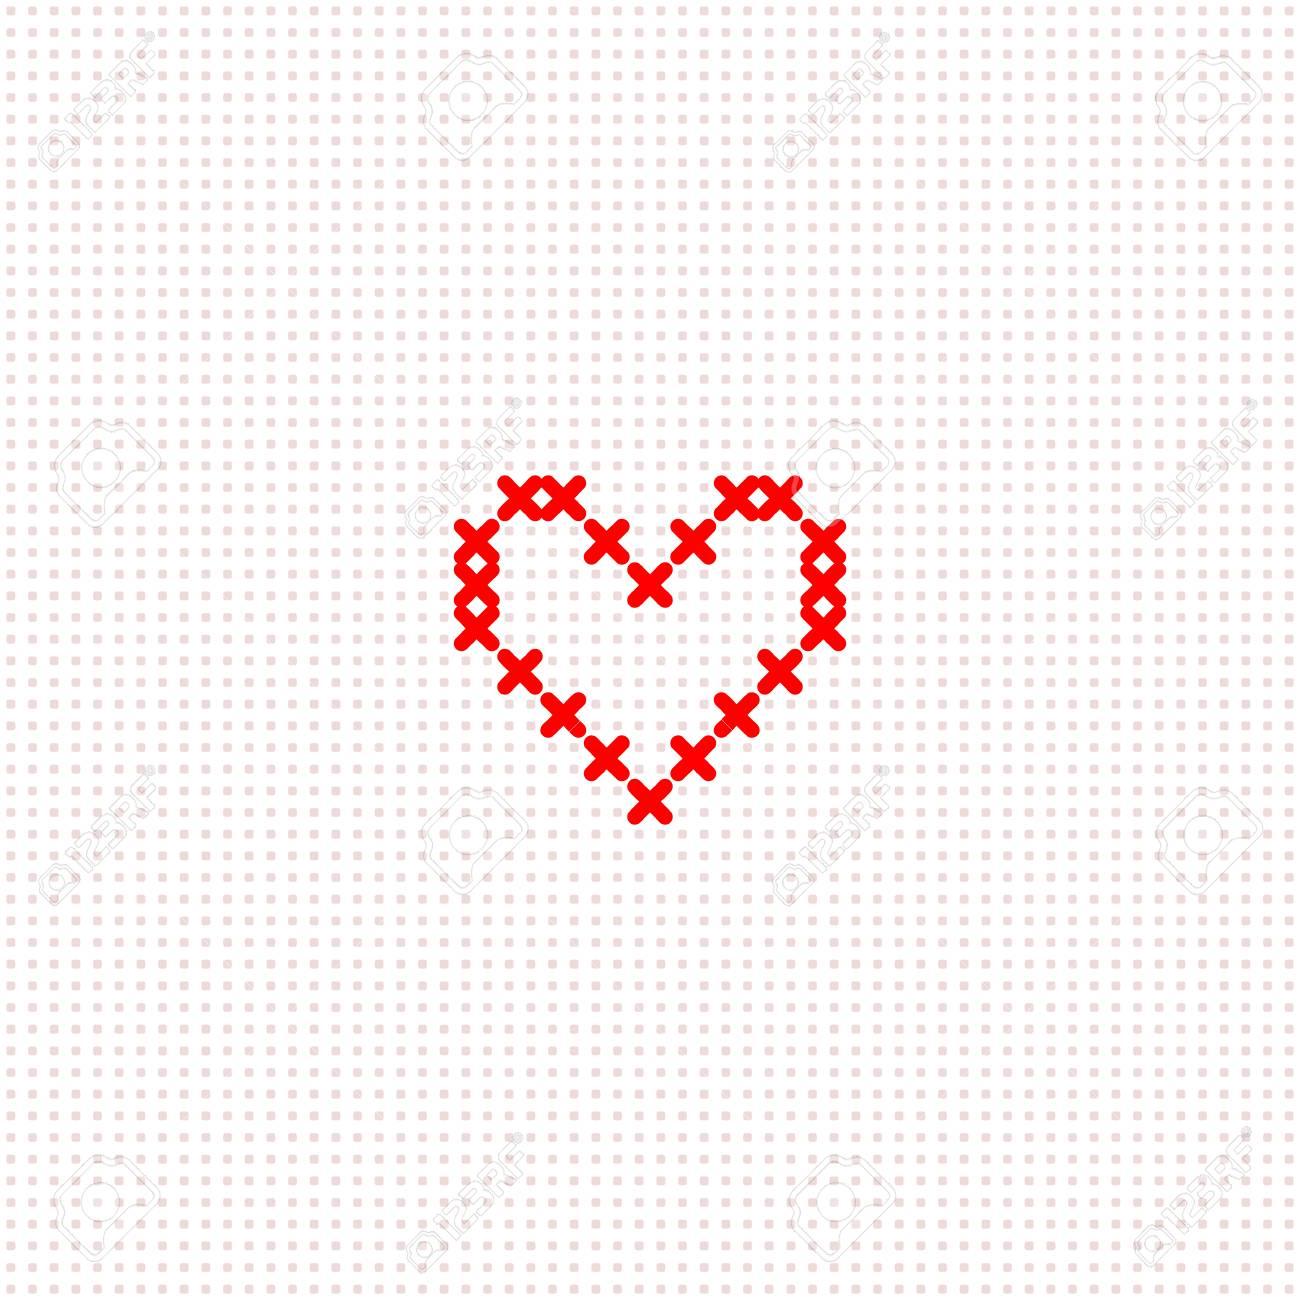 Full size stitch template individual templates acrylic stitch.